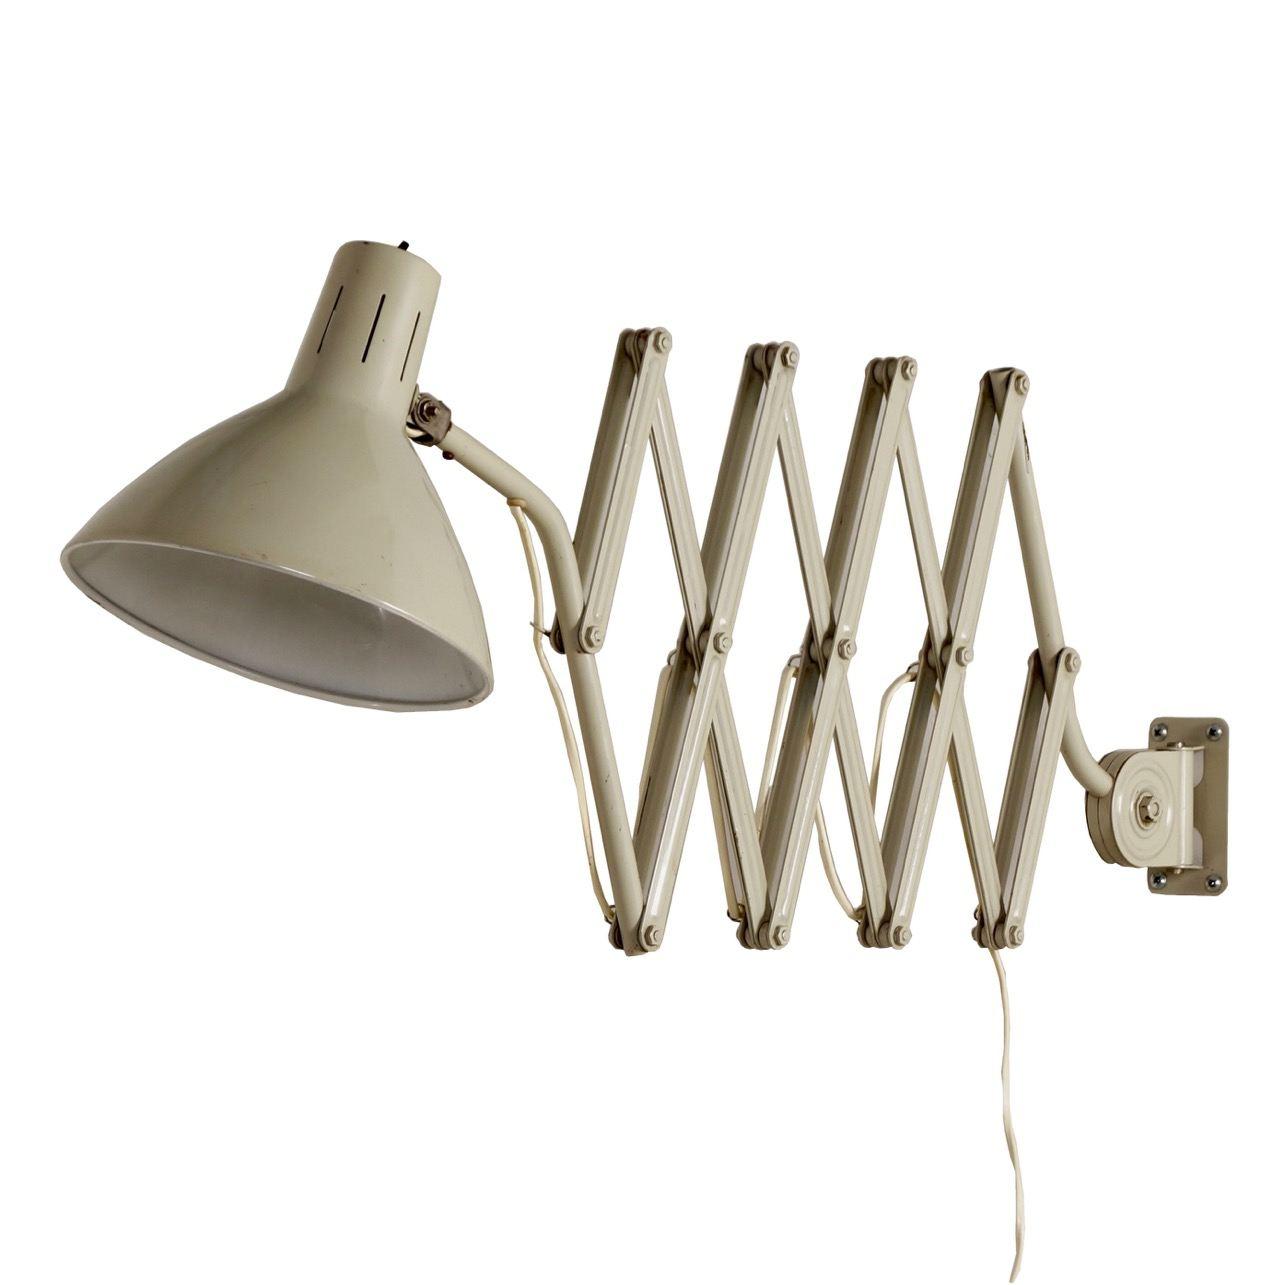 Ongebruikt Industiële Hala Schaarlamp van H. Busquet, 1960s - Vintage Lampen CZ-94